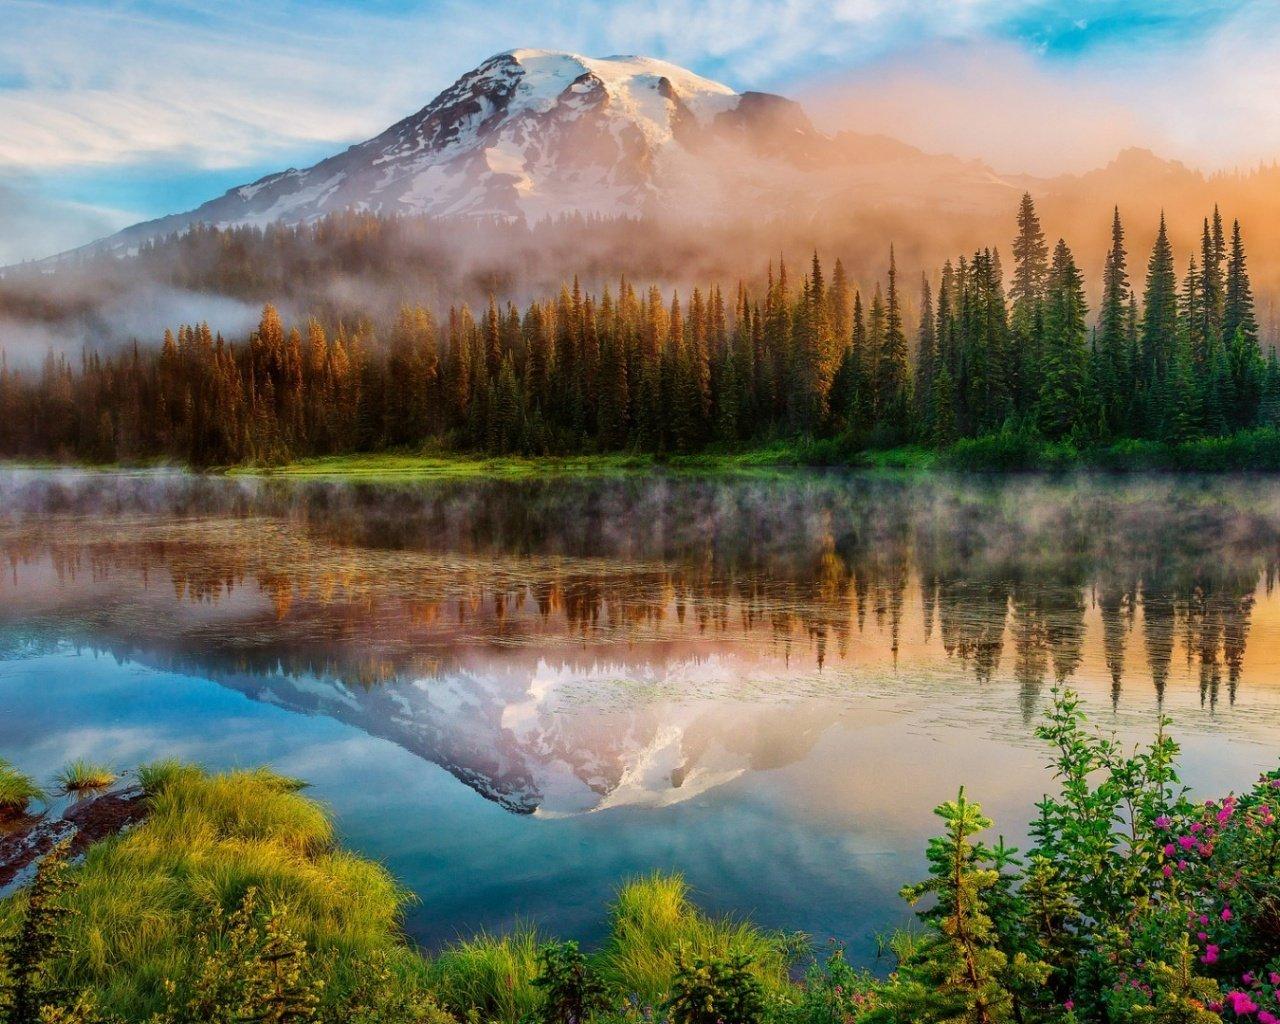 1280x1024 Mount Rainier Landscape desktop PC and Mac wallpaper 1280x1024